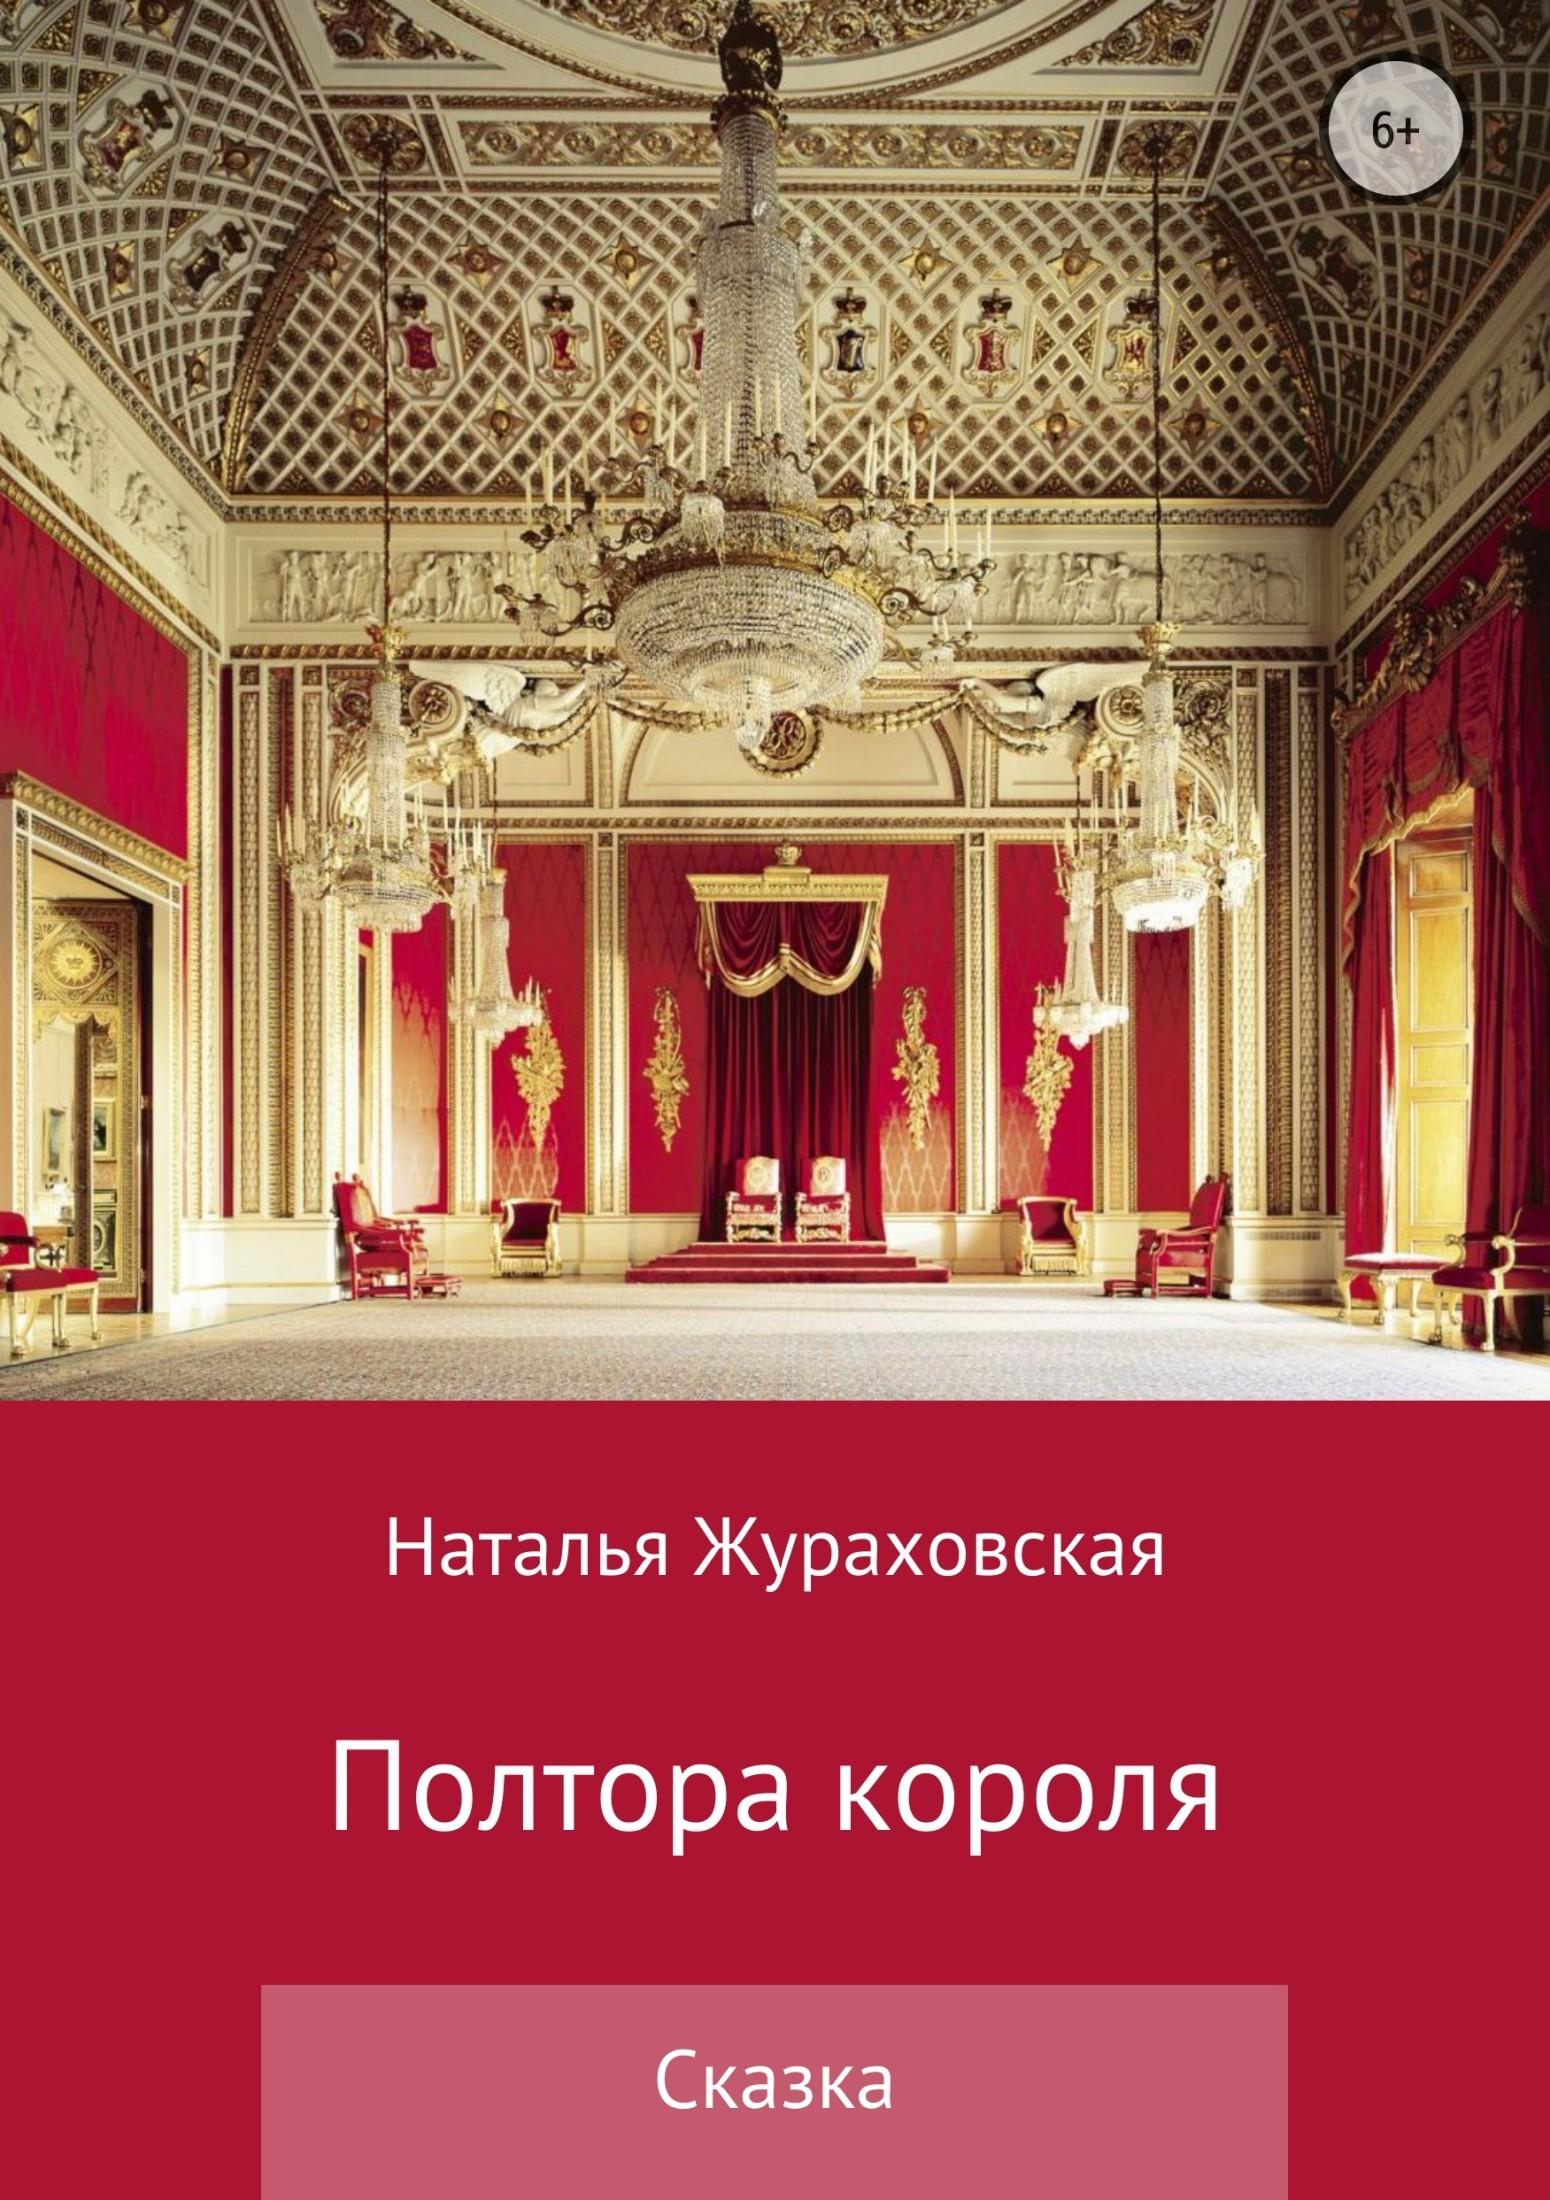 Наталья Владимировна Жураховская Полтора короля